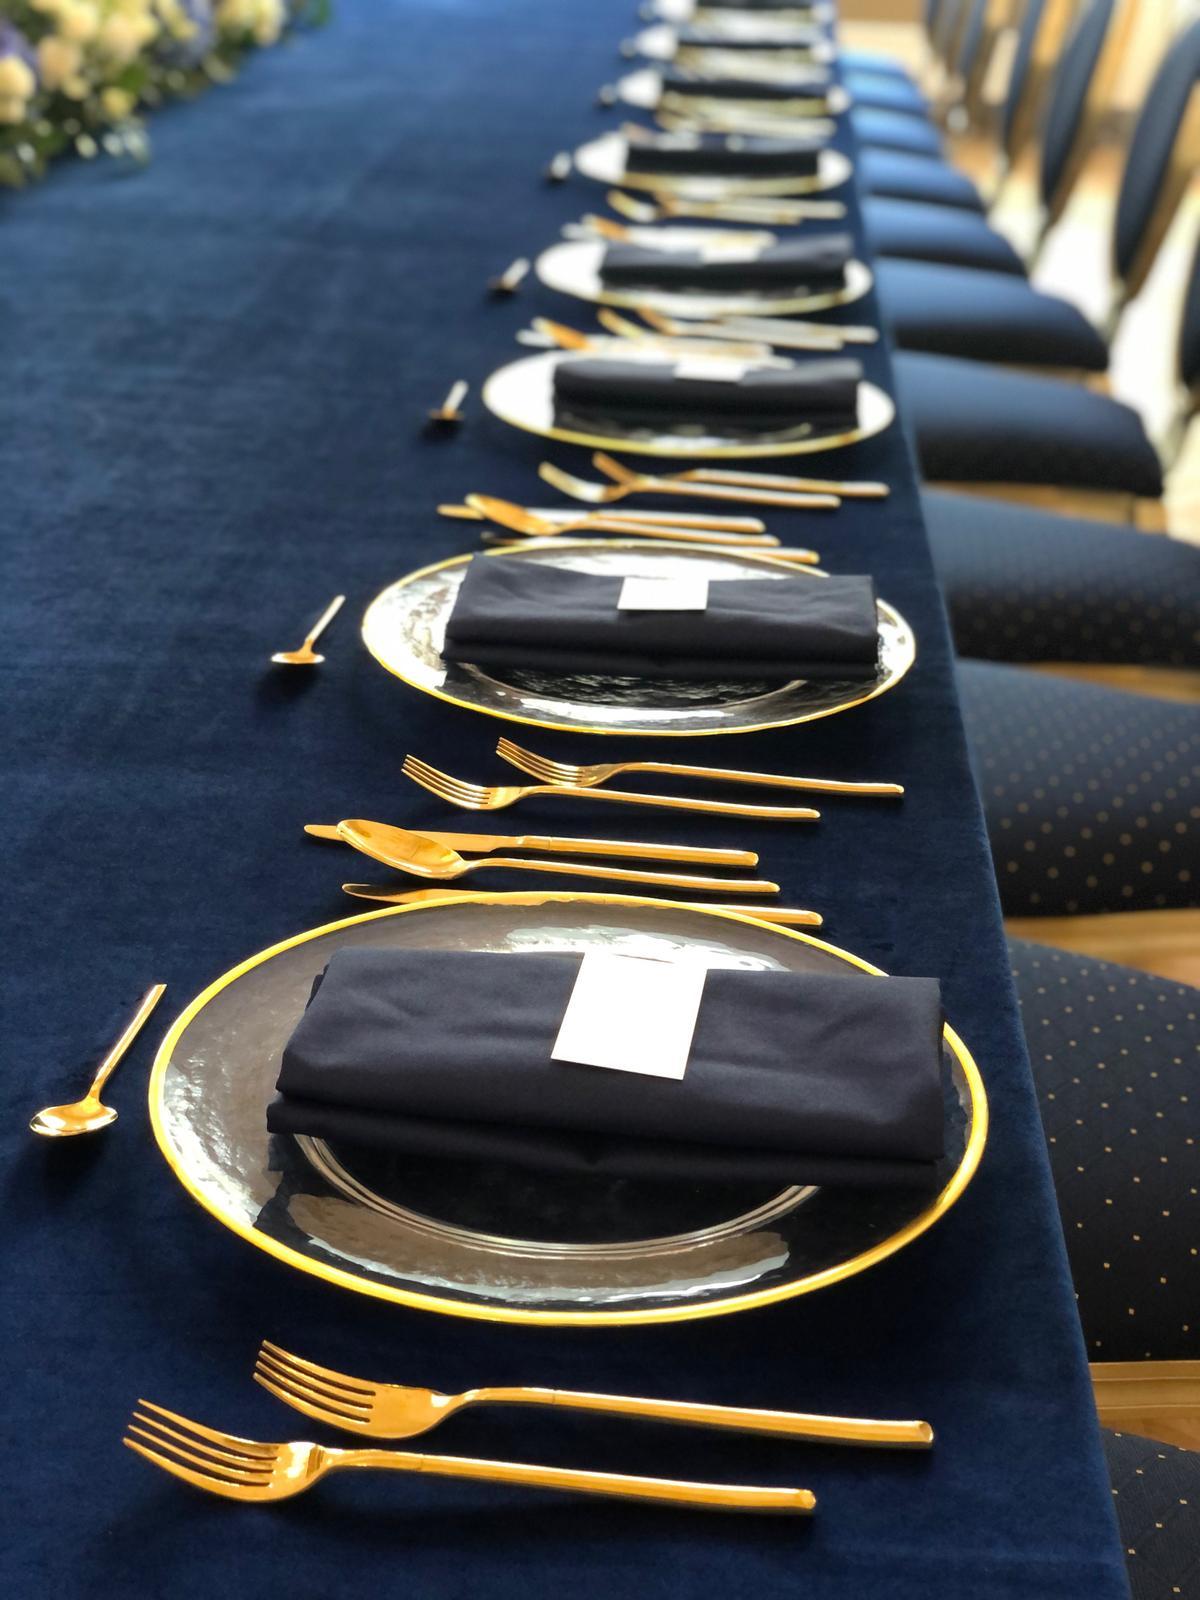 Luxusné klubové taniere so zlatým lemom - Obrázok č. 3